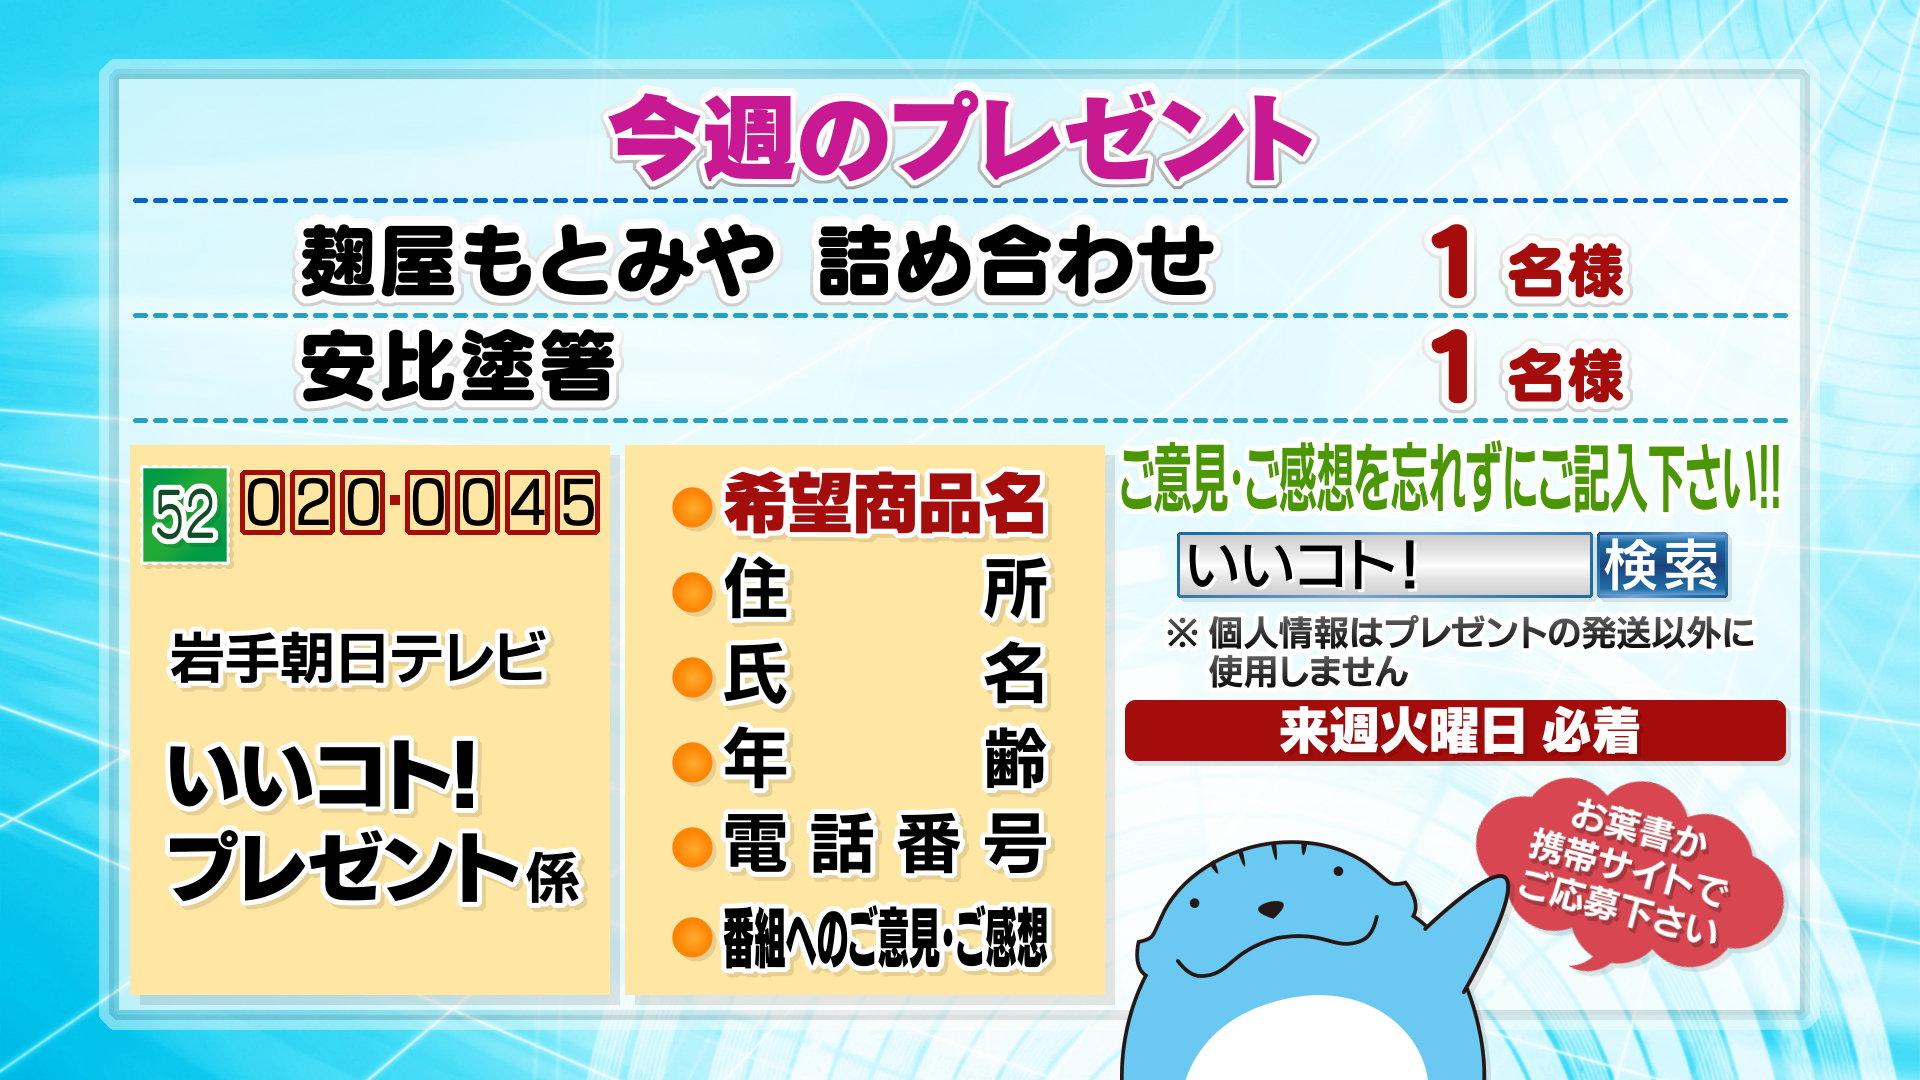 3/25(土)放送分のプレゼント